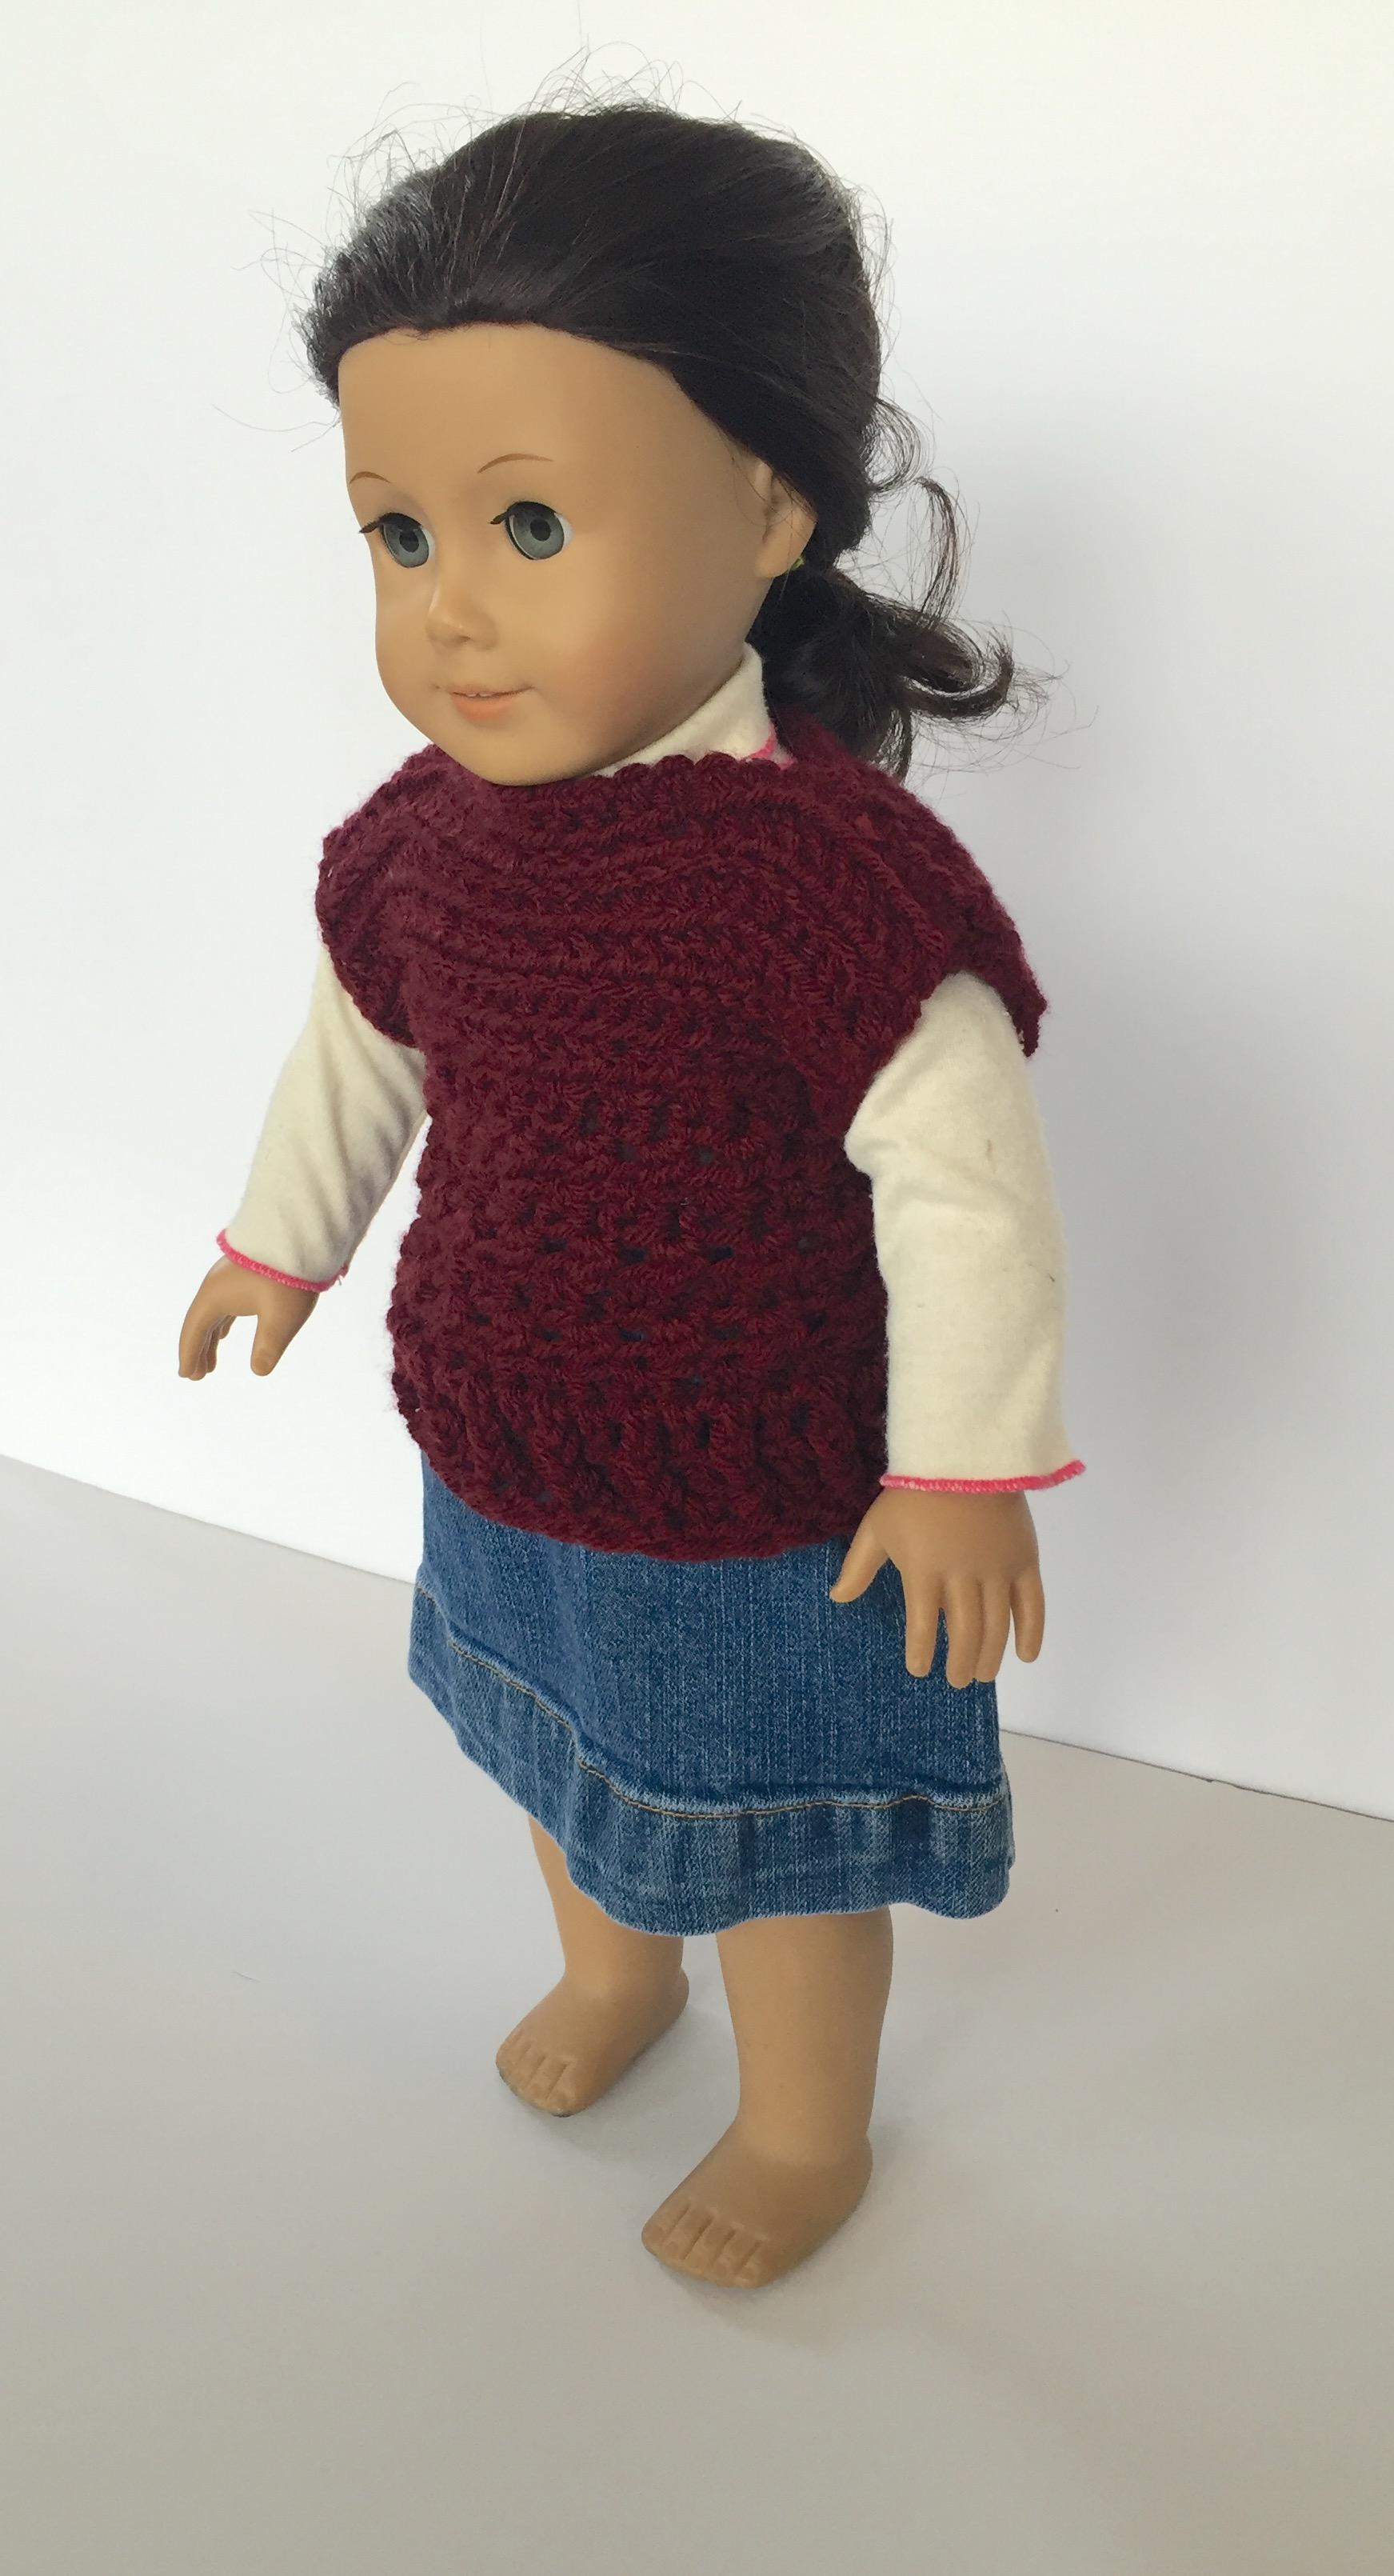 Crochet Pattern Pullover For Dolls Little Monkeys Designs